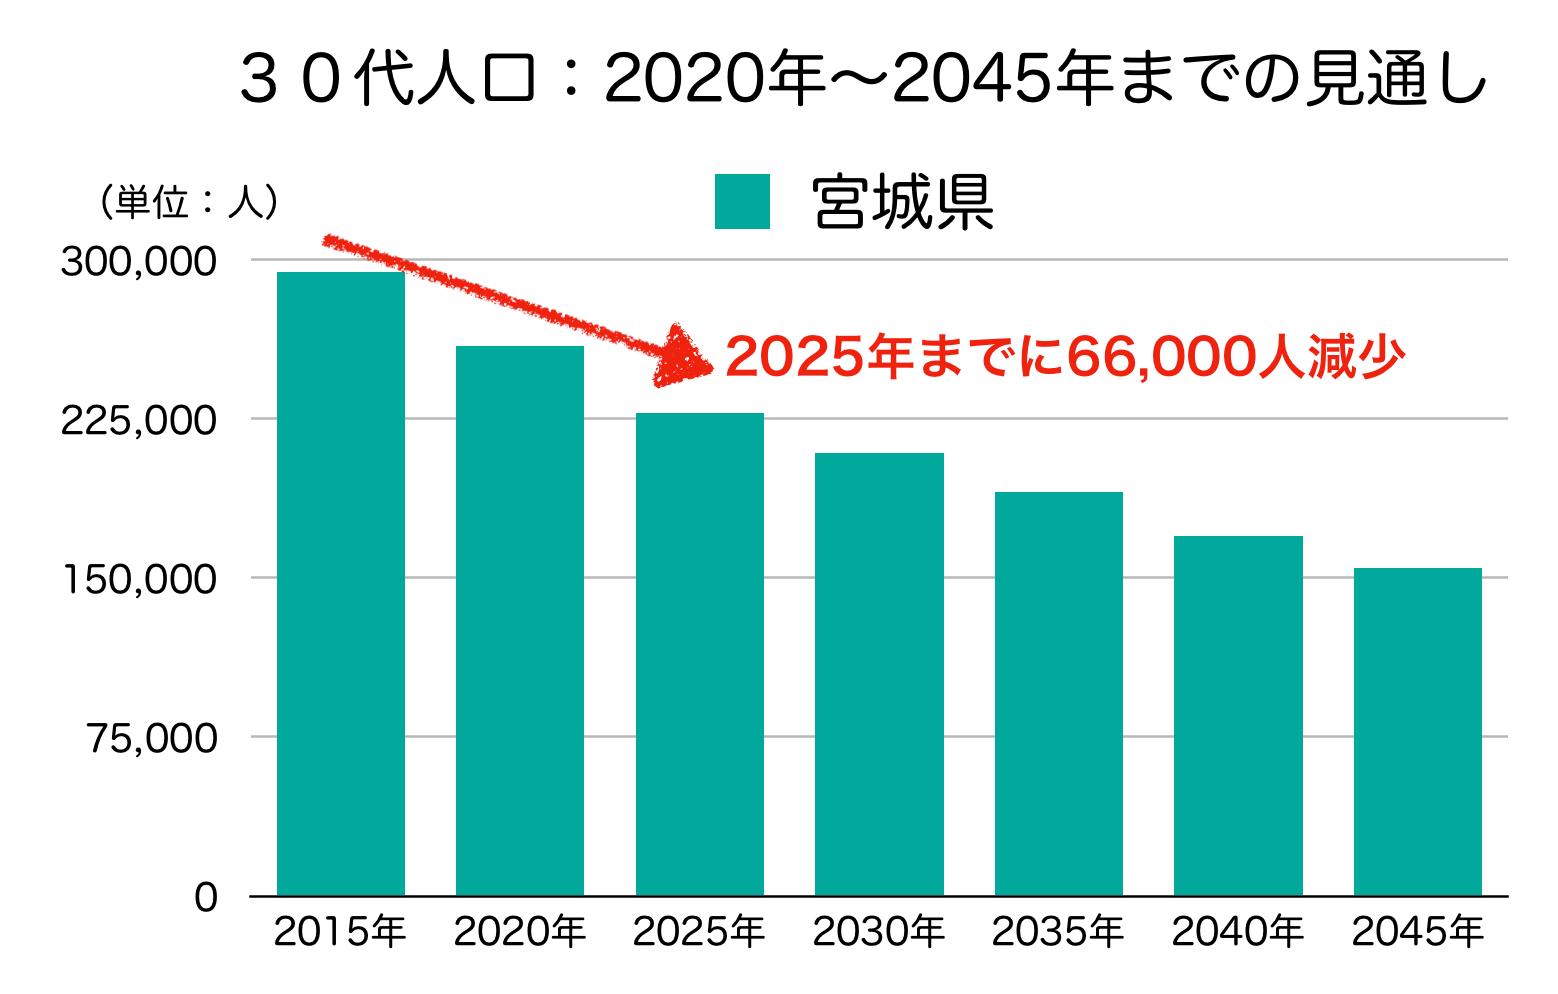 宮城県の30代人口の予測